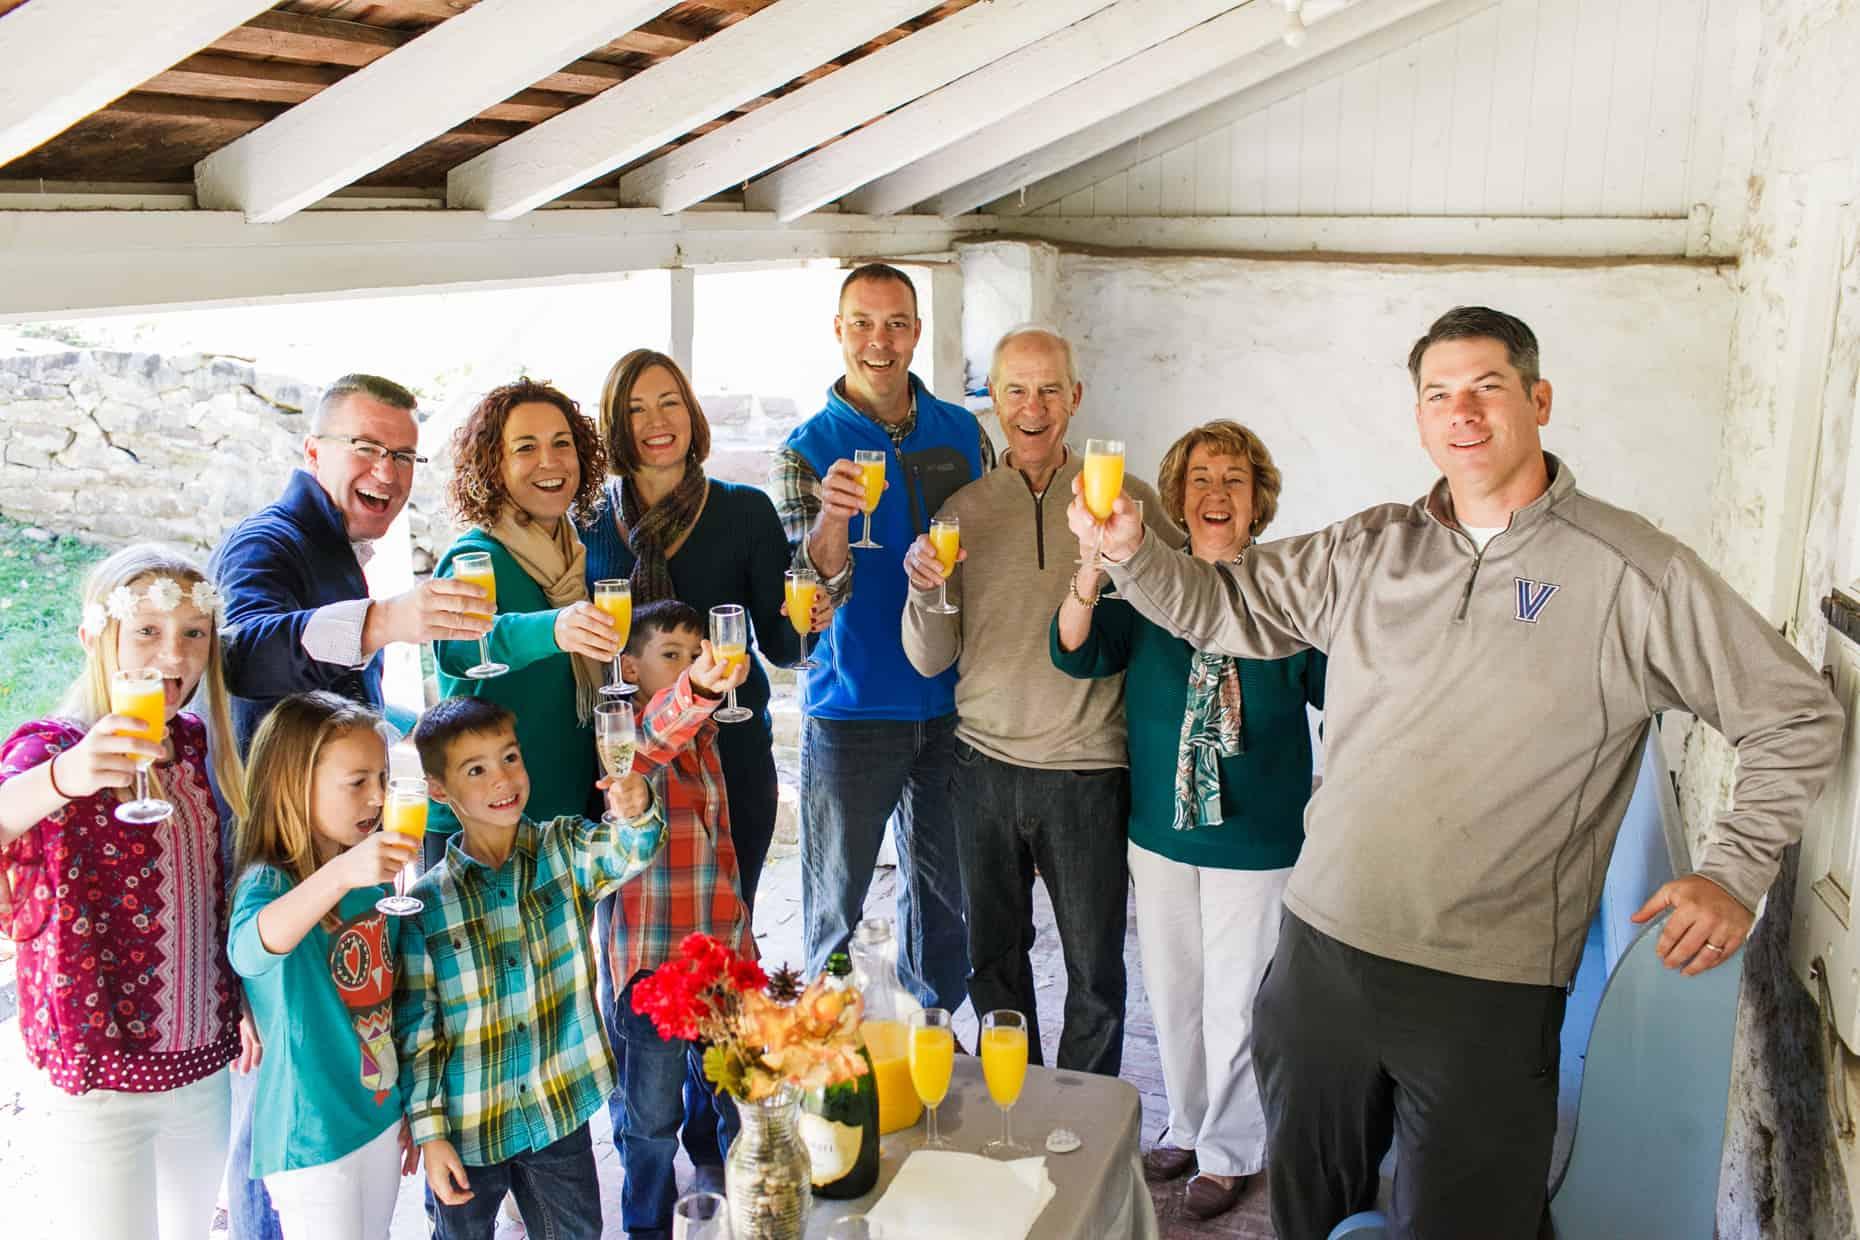 Mill Grove Family photos